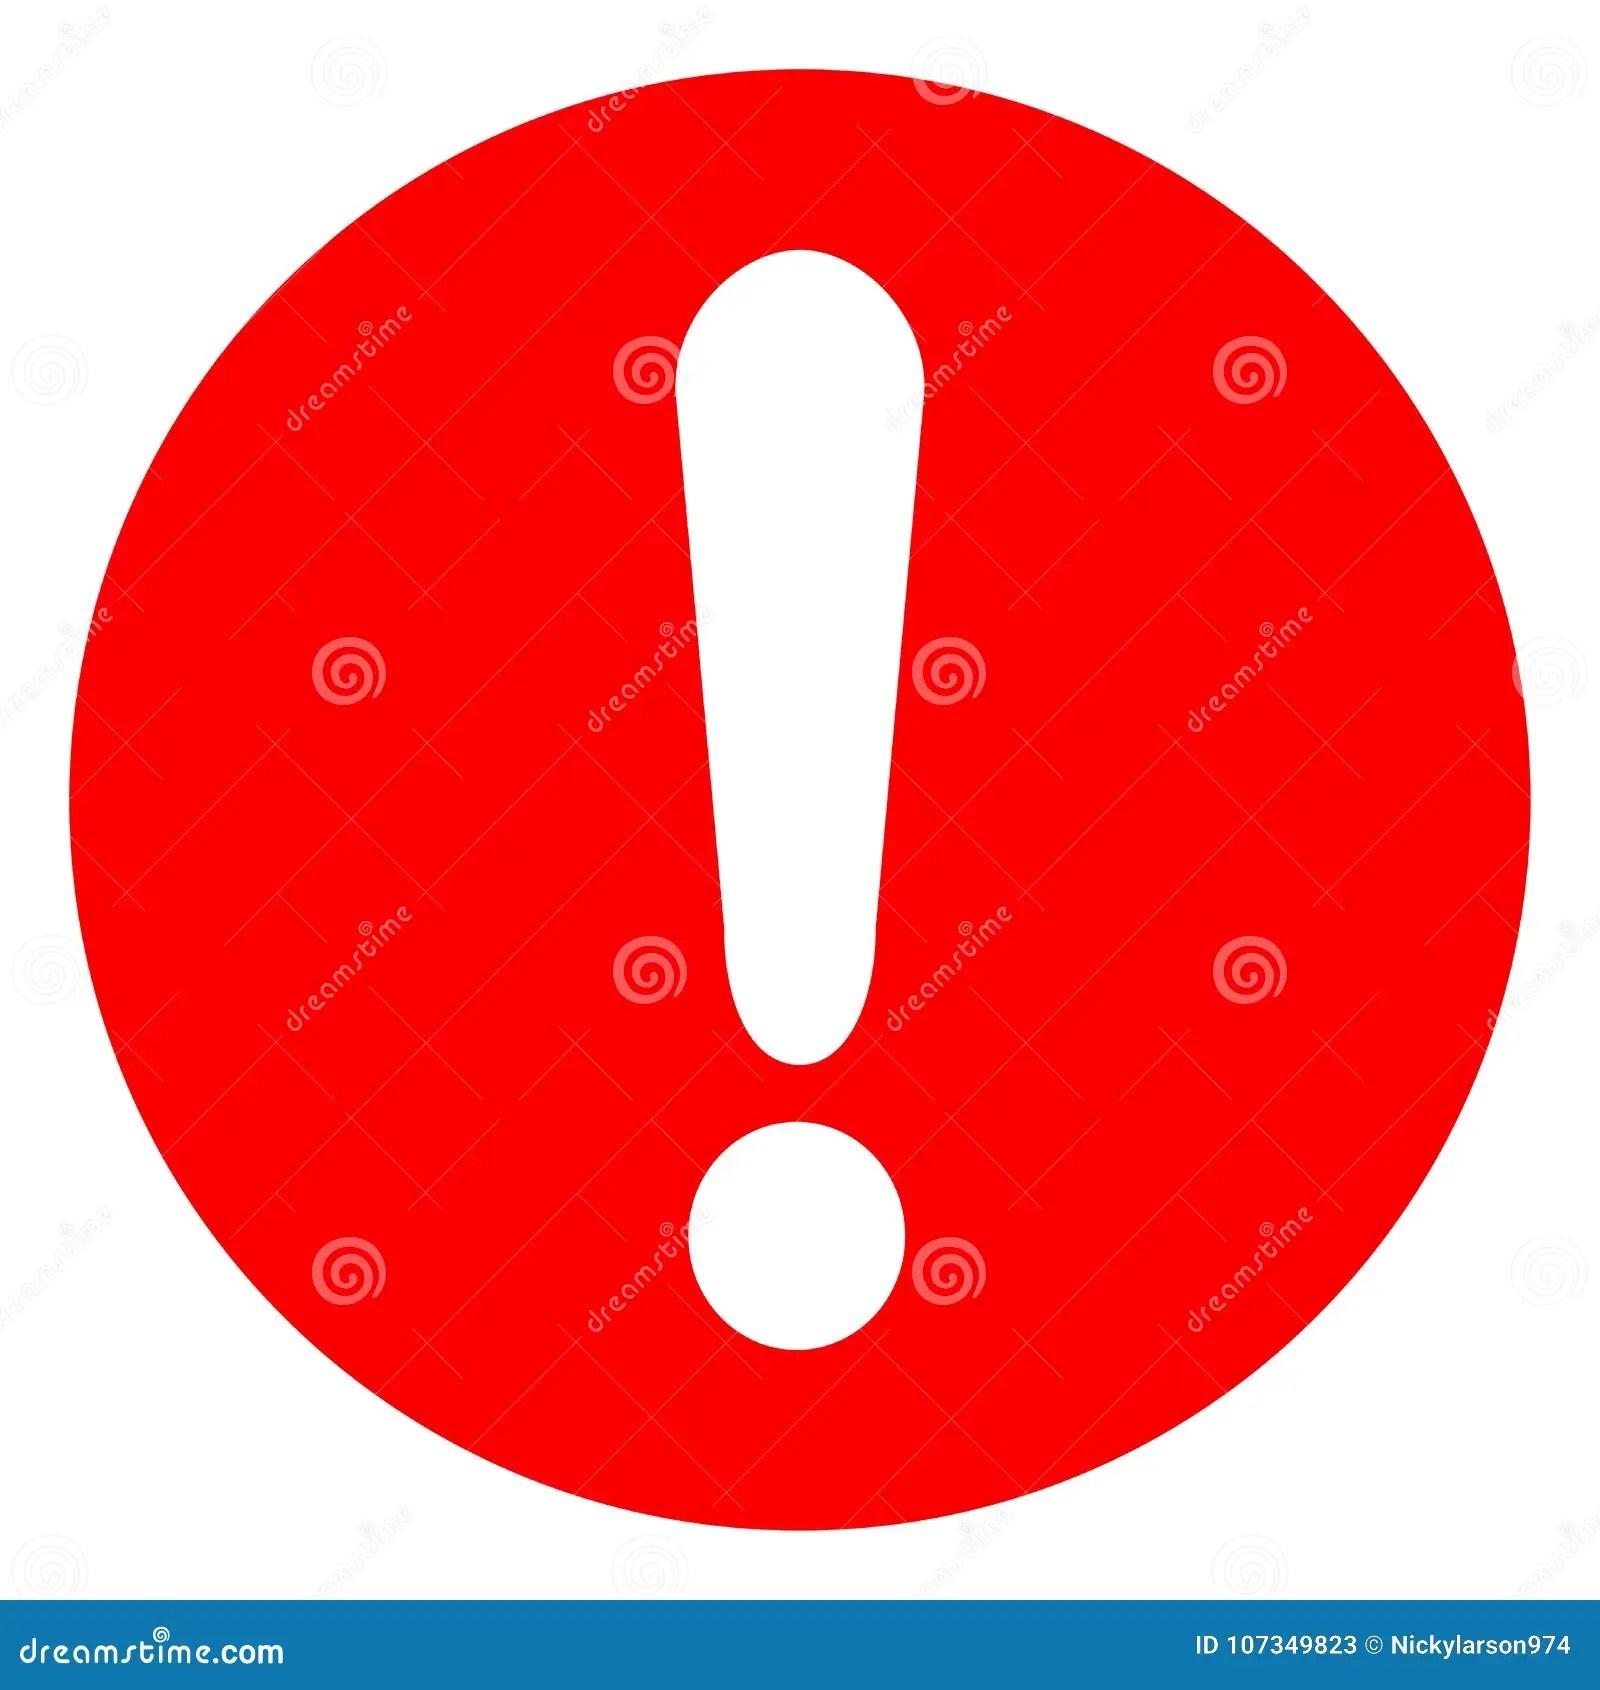 驚嘆號紅色象 向量例證. 插畫 包括有 被攻擊的. 錯誤. 圖標. 小心. 危險. 按鈕. 紅色. 符號 - 107349823